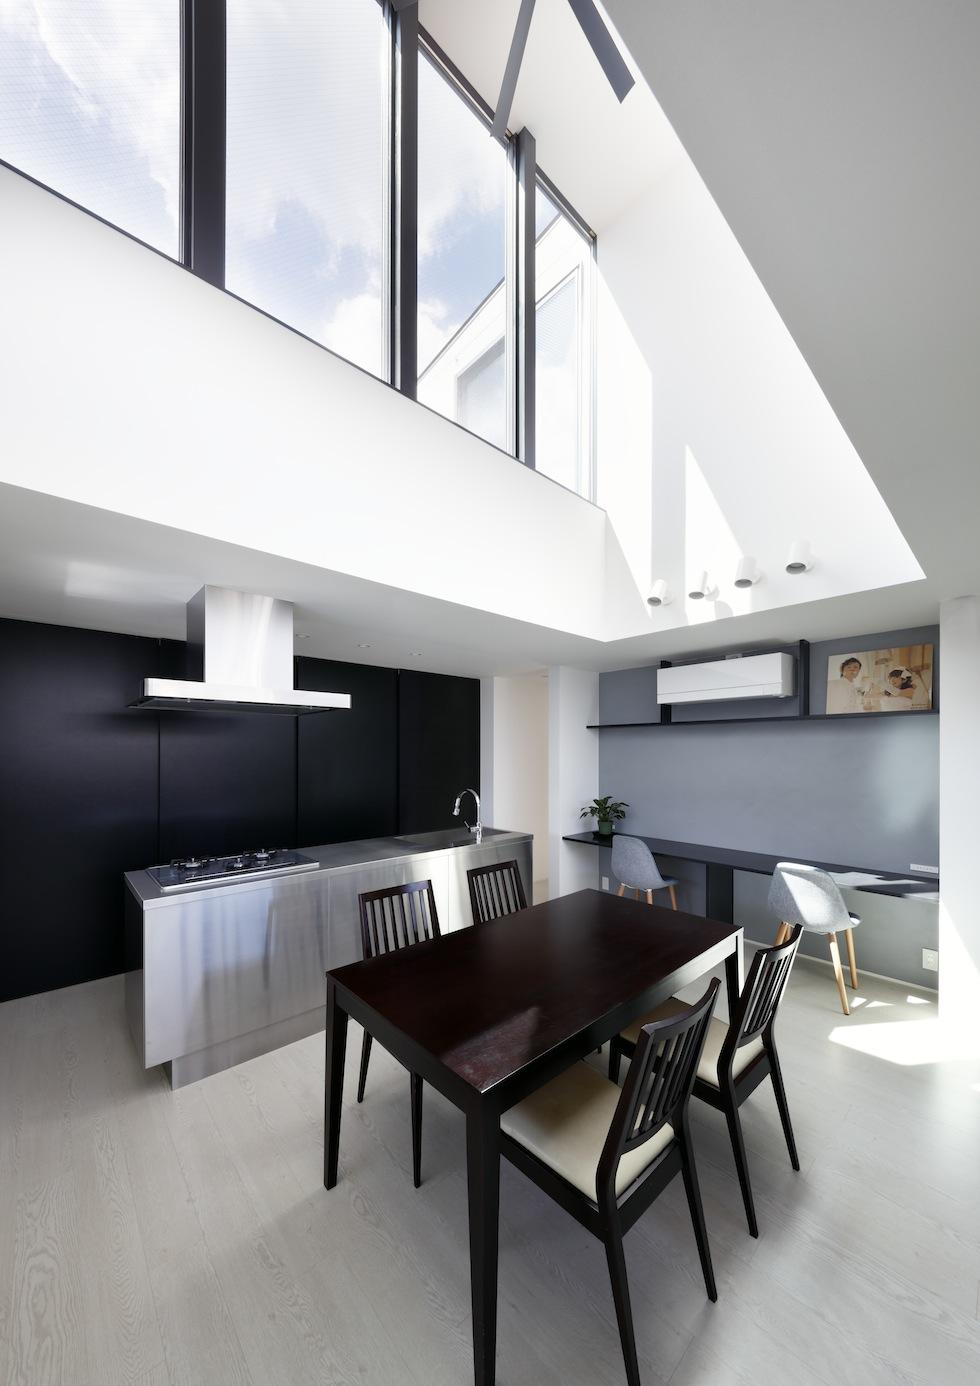 大阪,四條畷,建築家,設計事務所,住宅設計,高級注文住宅,木造3階建てデザイン,螺旋階段,外観デザイン,カーテンのいらない家